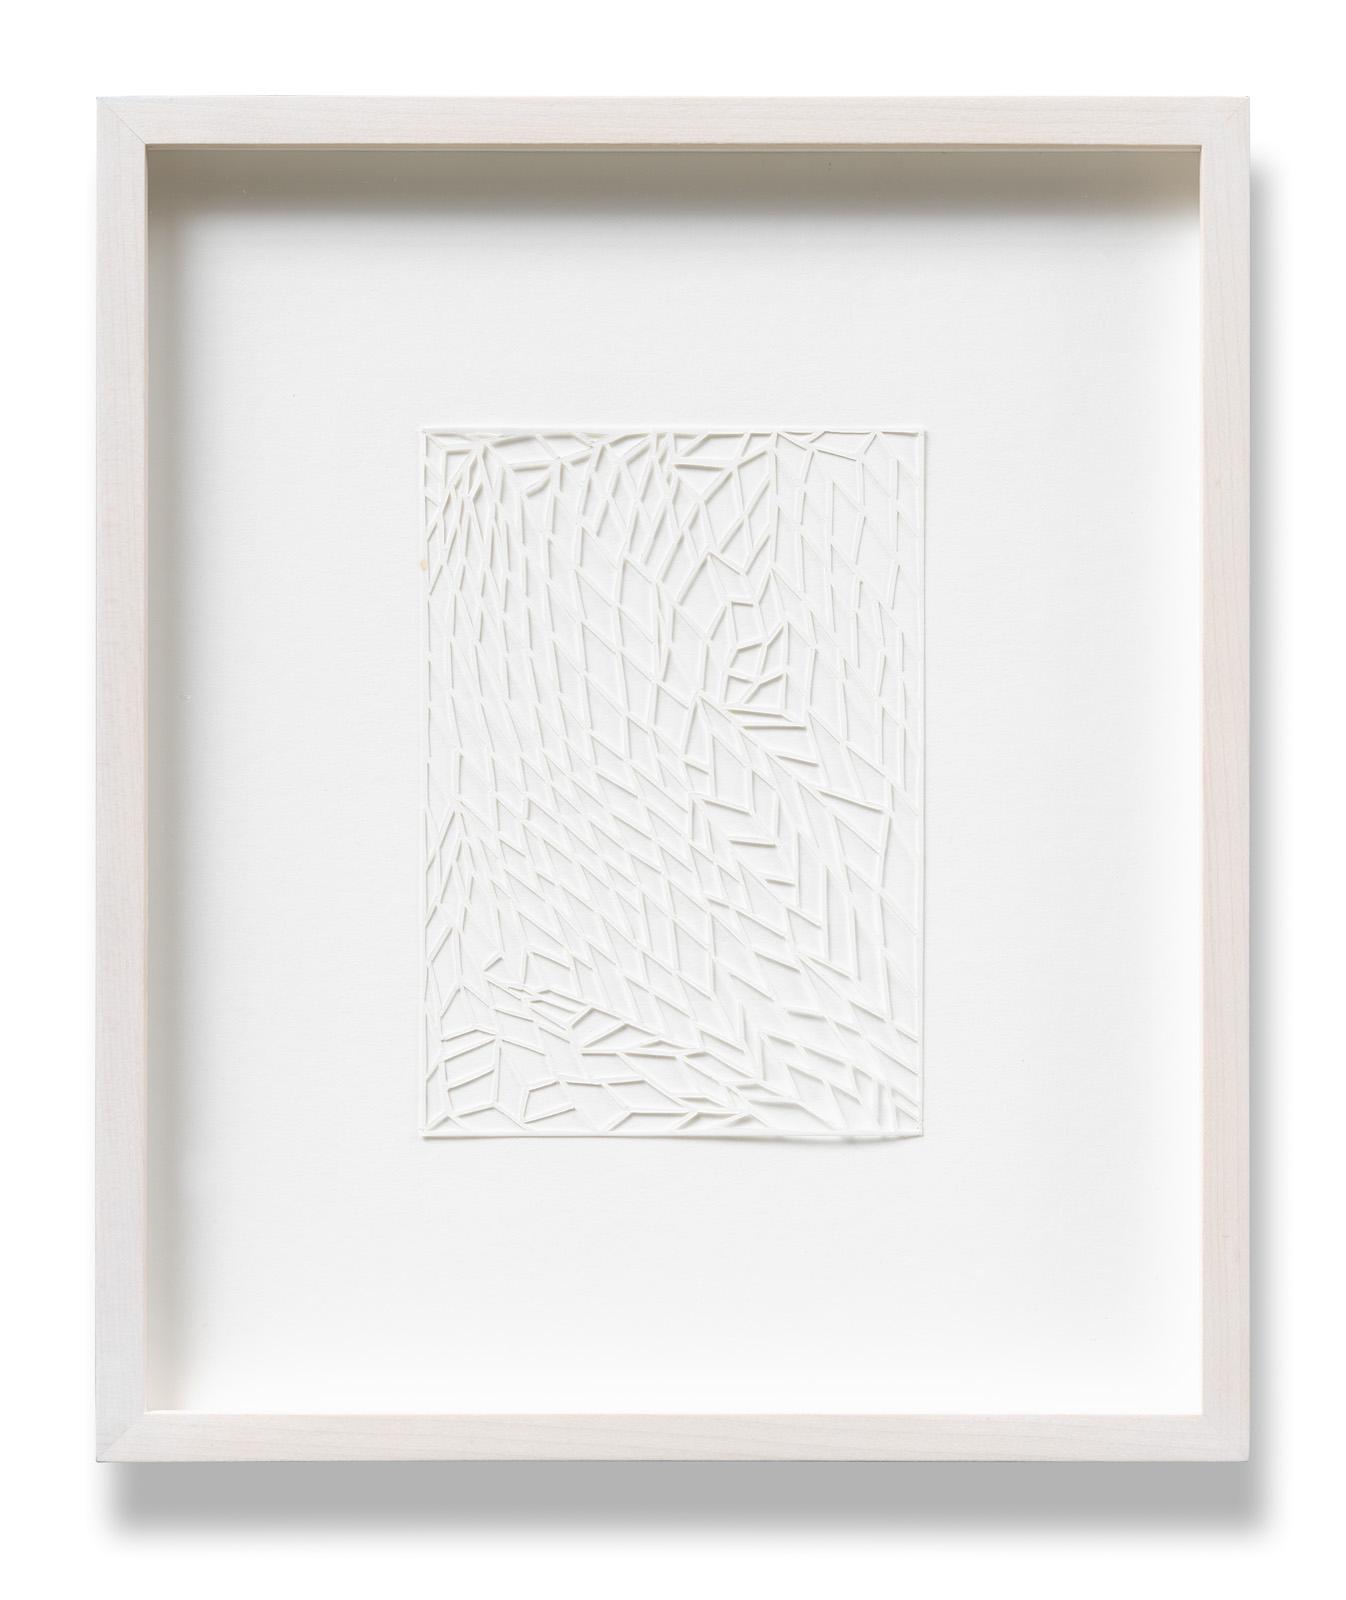 Katharina Hinsberg, Ajouré, A_2015_039, 2015, Papier geschnitten, 15 x 10 cm